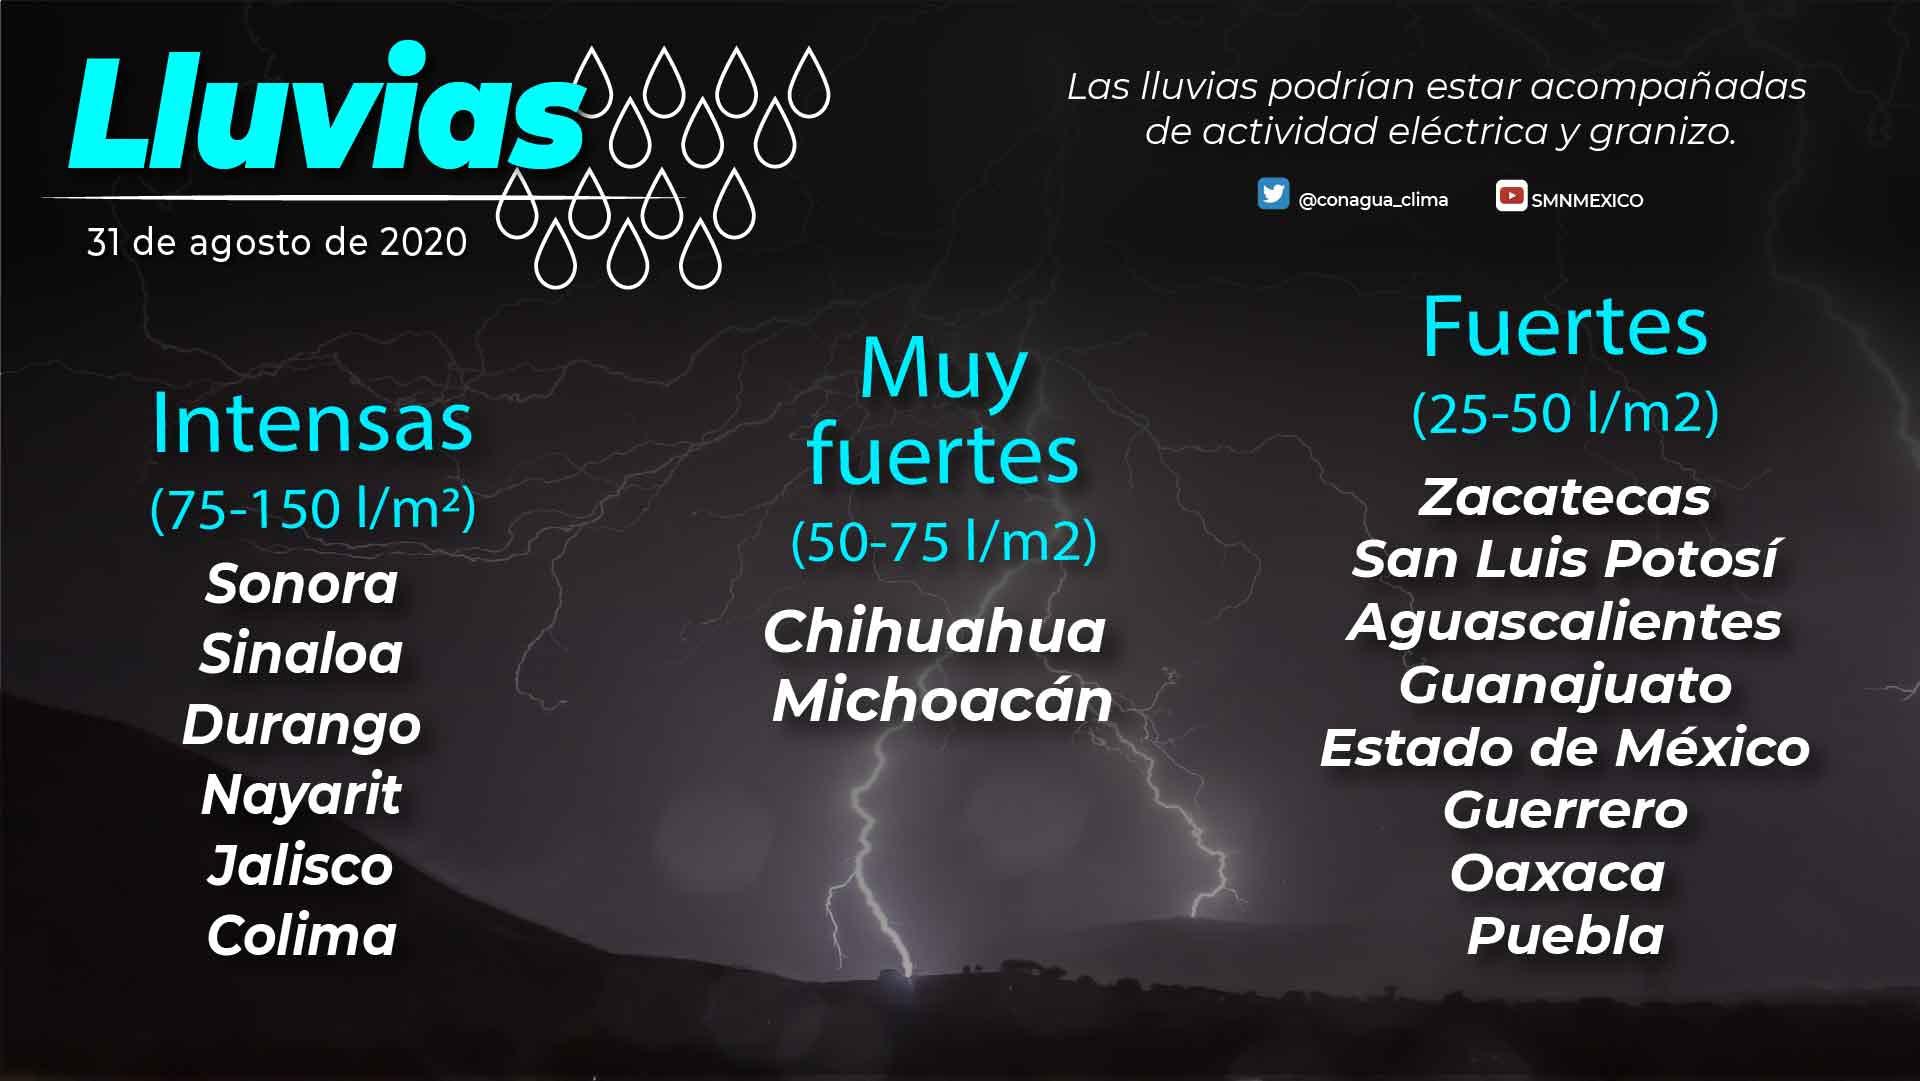 Hoy, se pronostican lluvias de muy fuertes a intensas para Colima, Durango, Jalisco, Nayarit, Sinaloa y Sonora